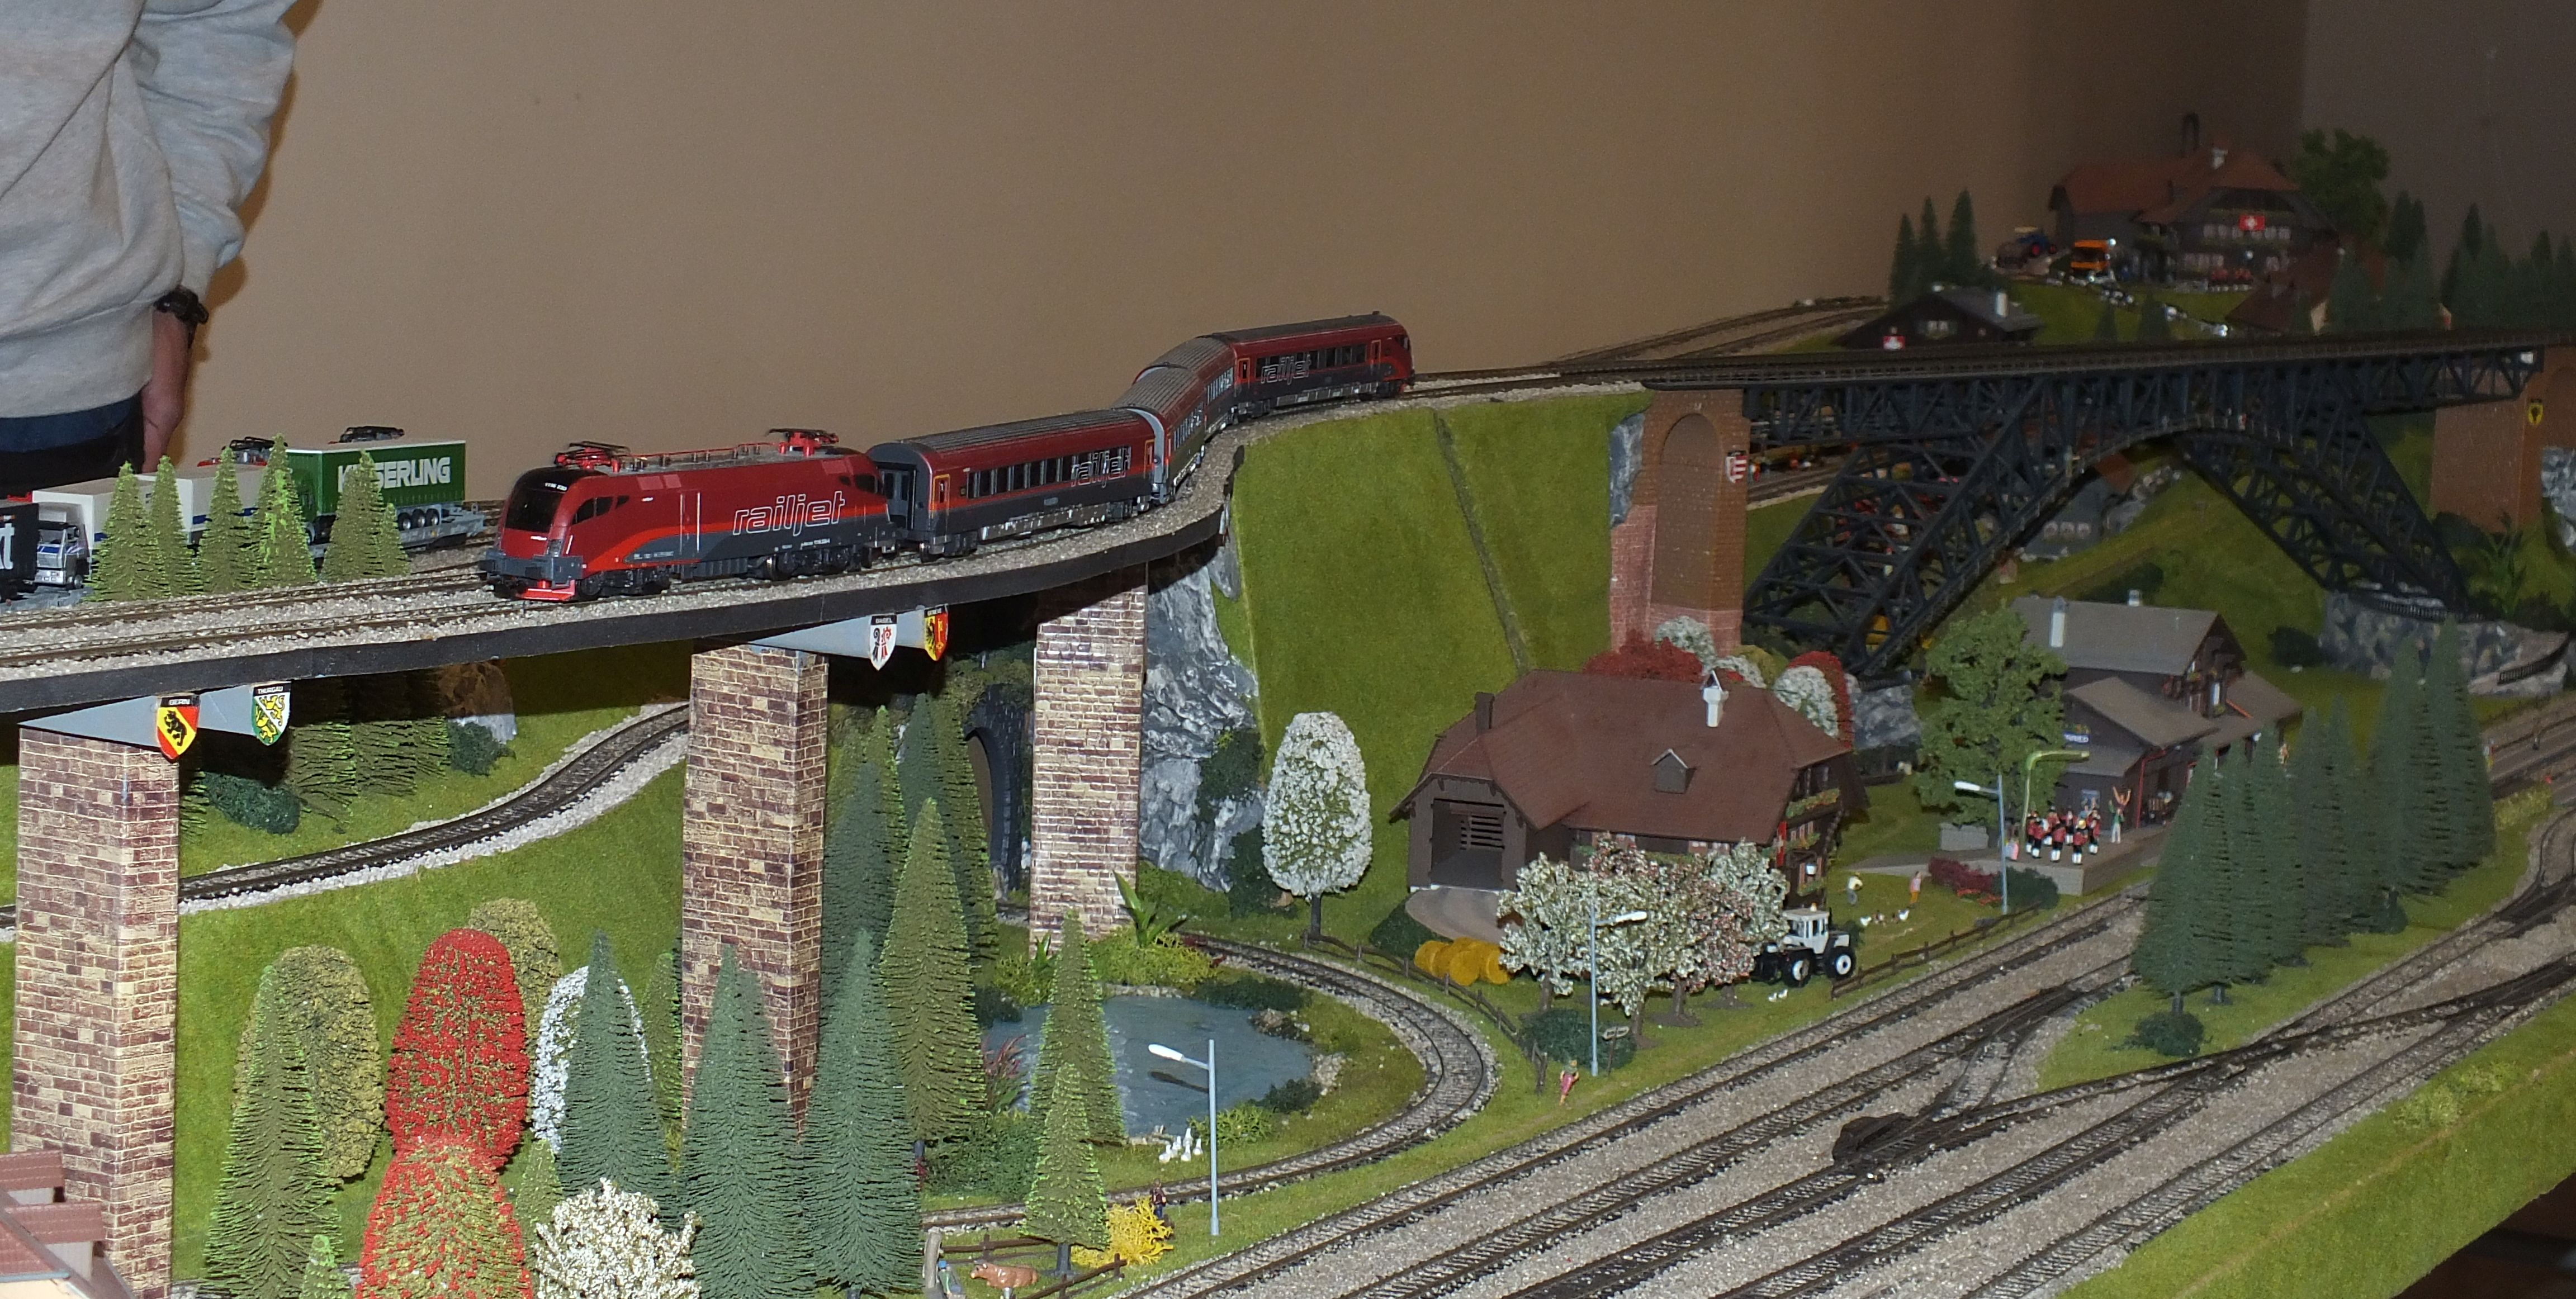 railjet, h0, kecskemét, terepasztal kiállítás, hirös agóra, modellvasút